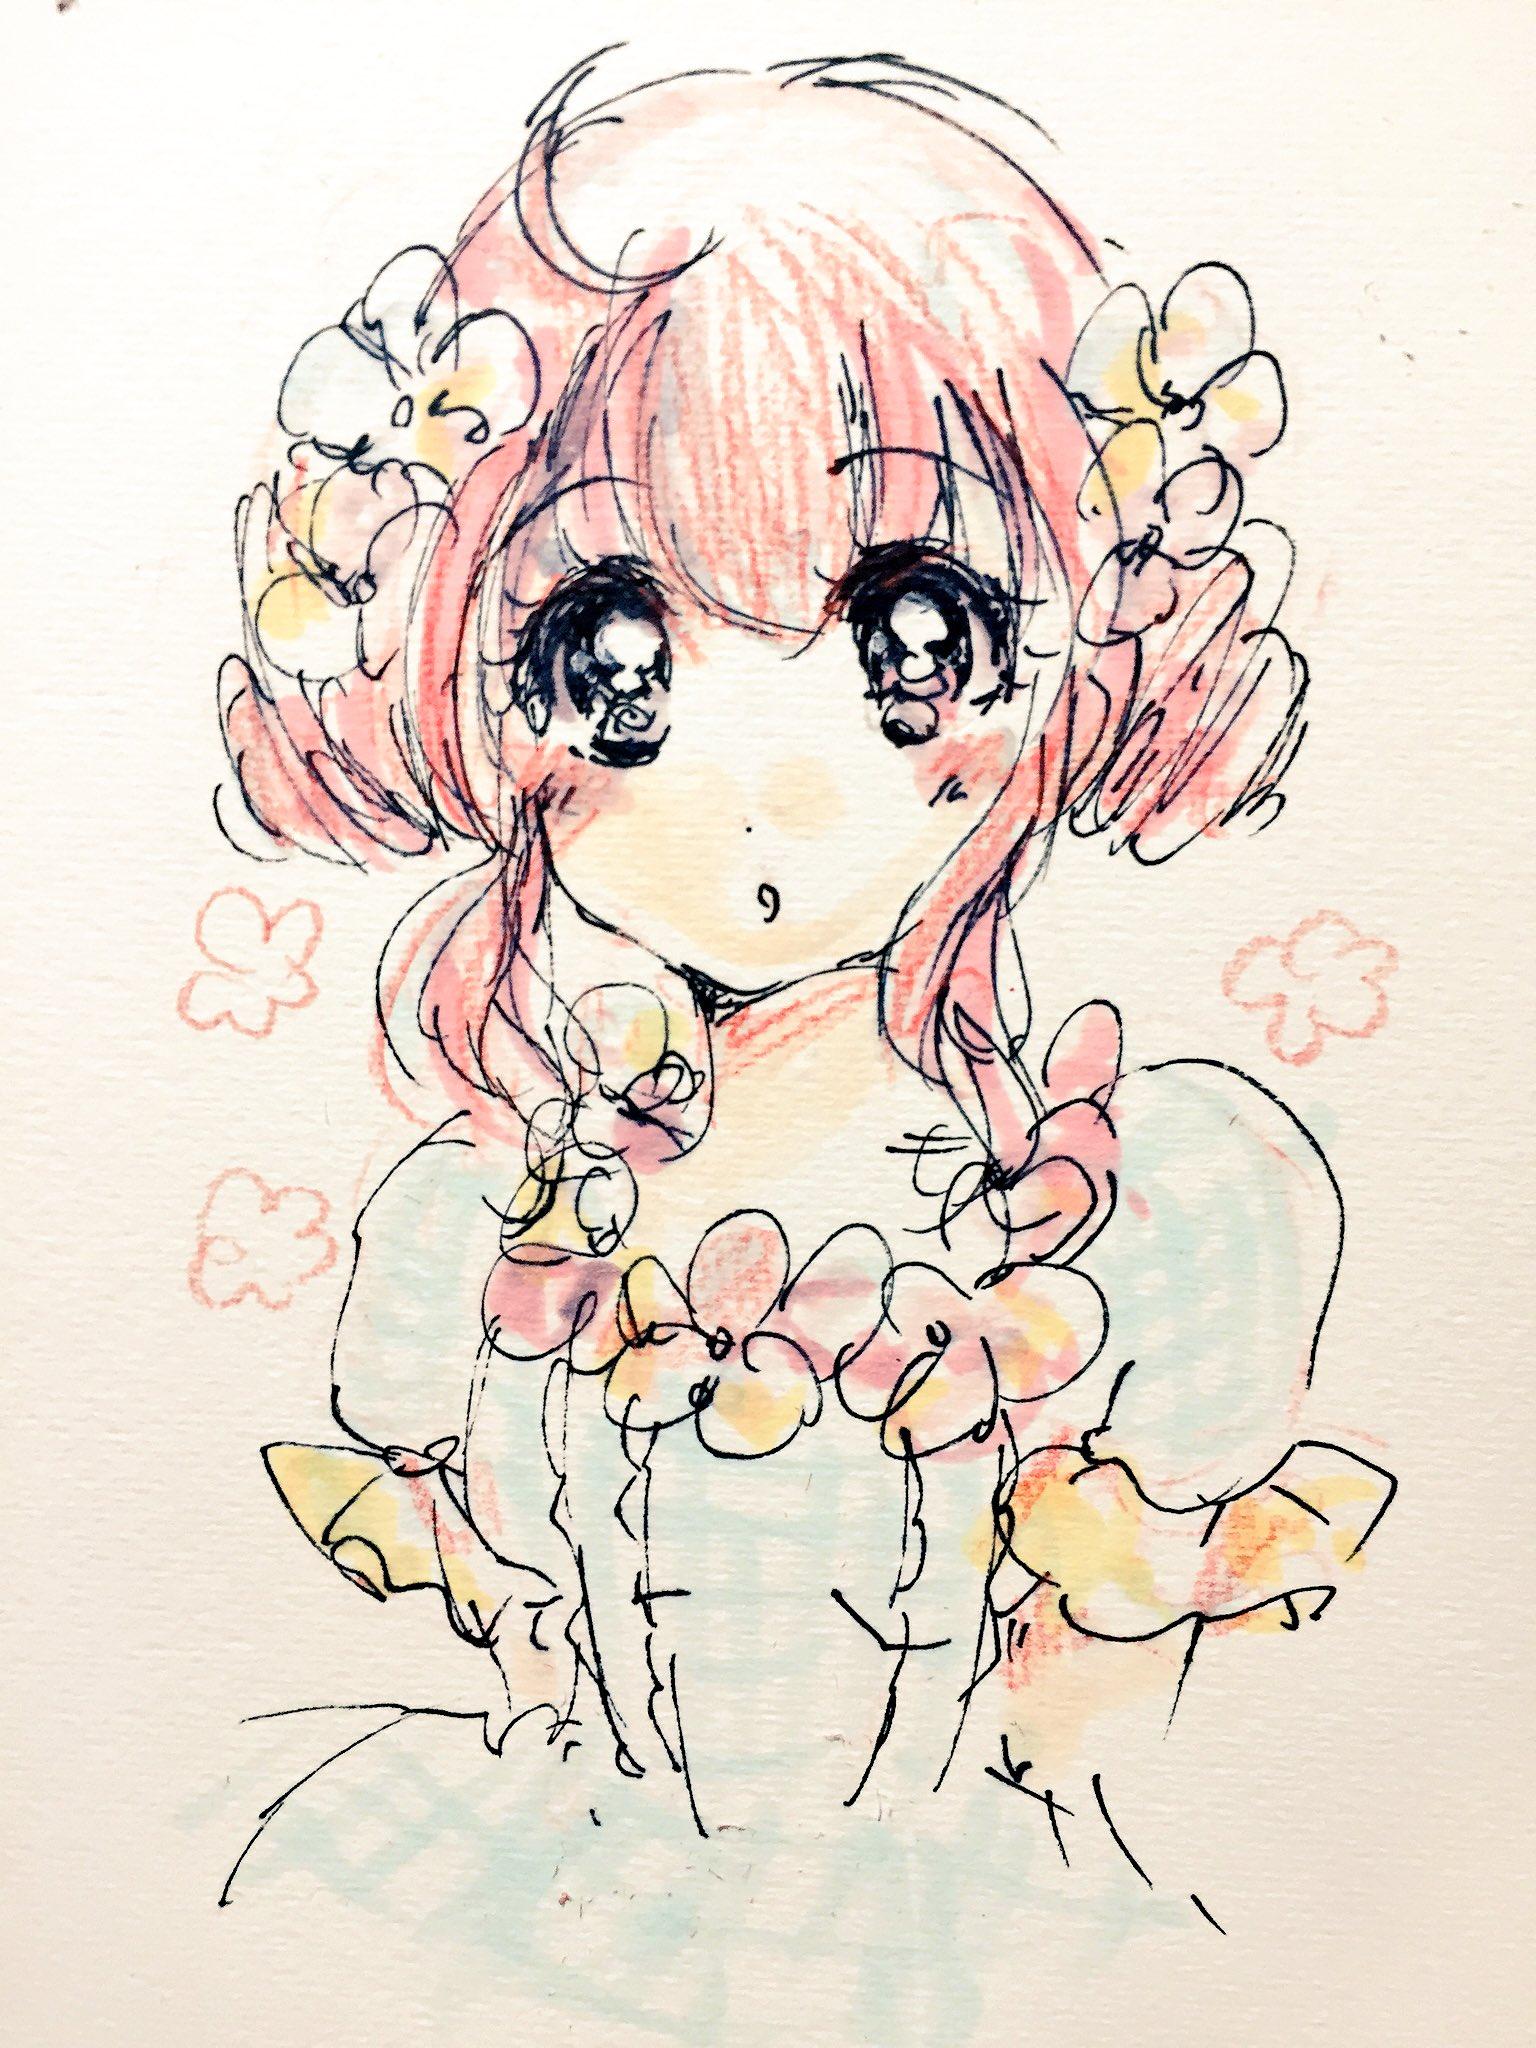 佐野りお@さくらんぼカーニバル開催中 (@cmw_rrk)さんのイラスト